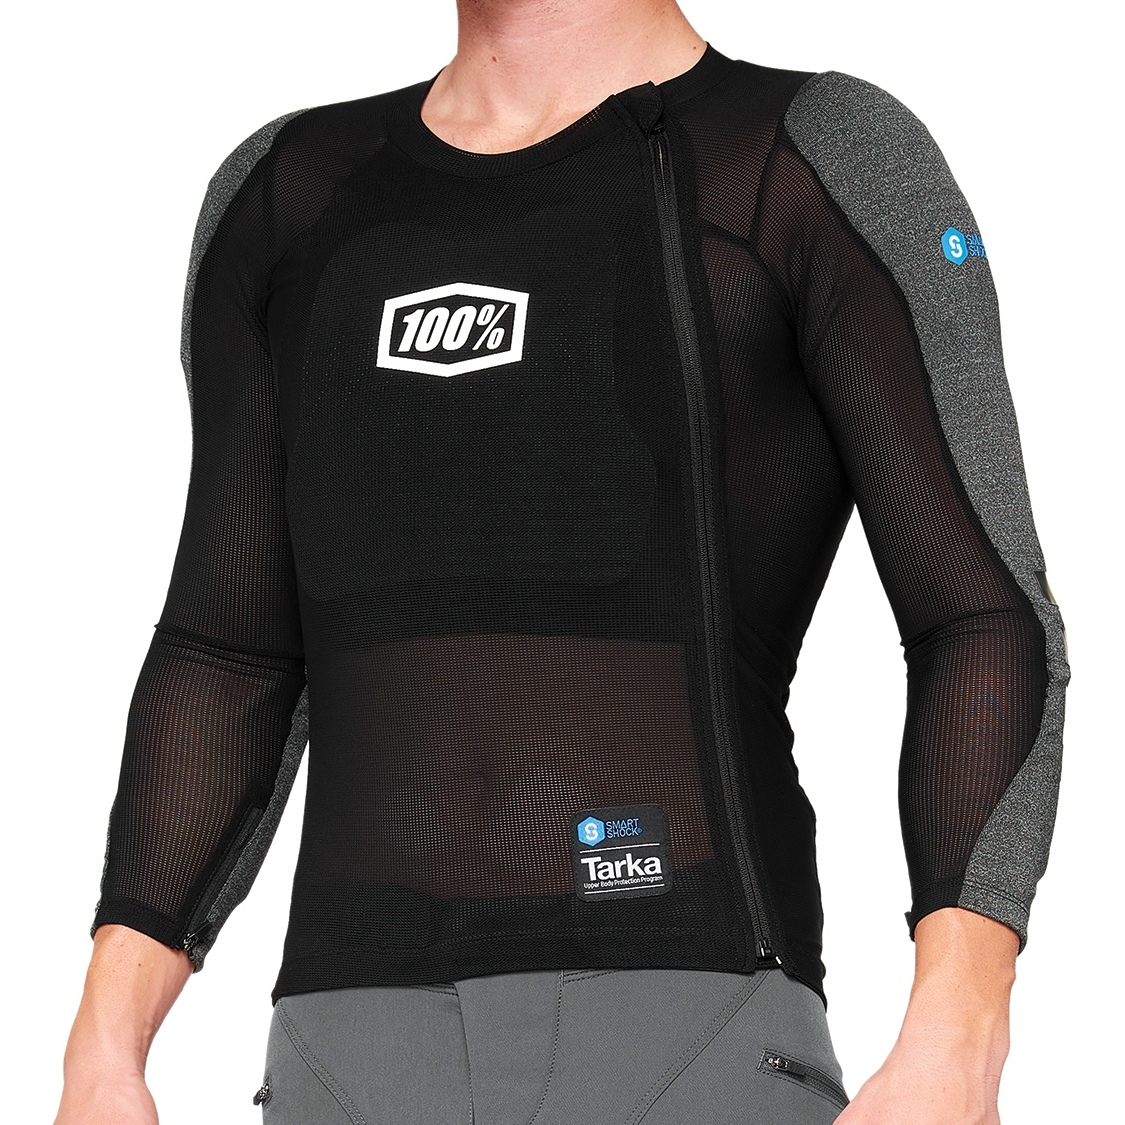 100% Tarka Long Sleeve Protection Chaleco - negro